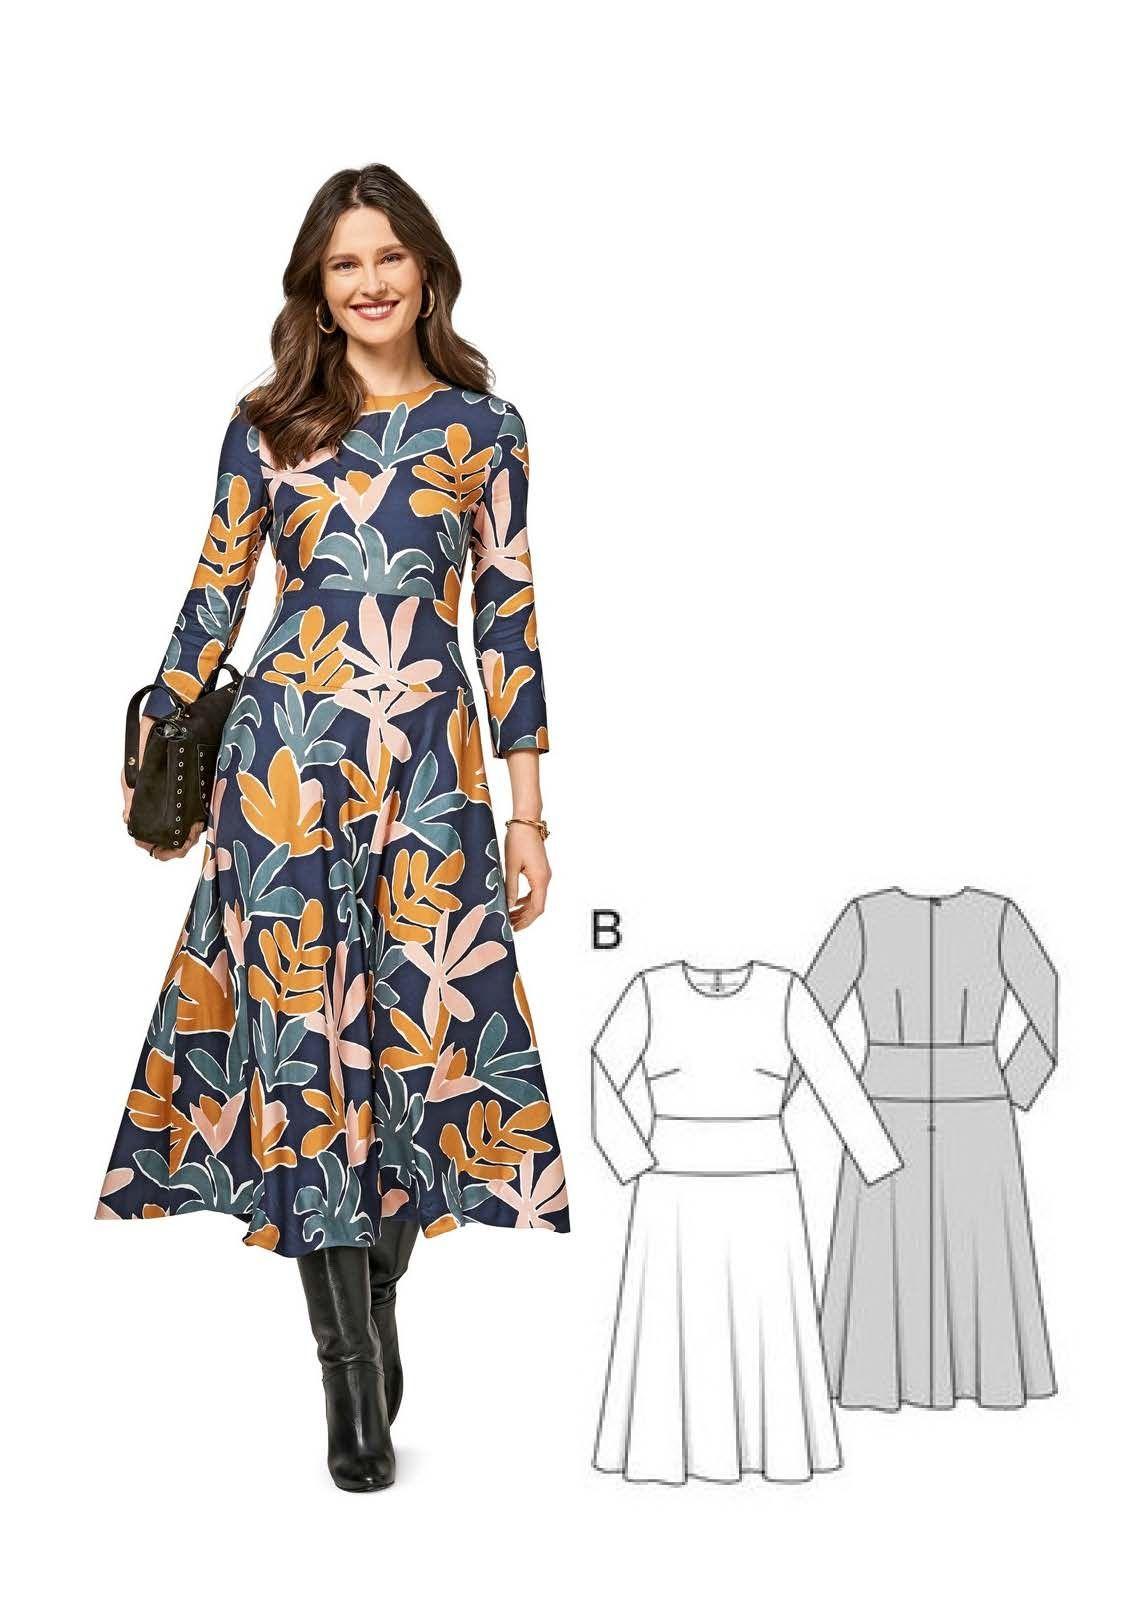 Kleid H/W 2017 #6454B | Kleider nähen, Produkte und Burda style